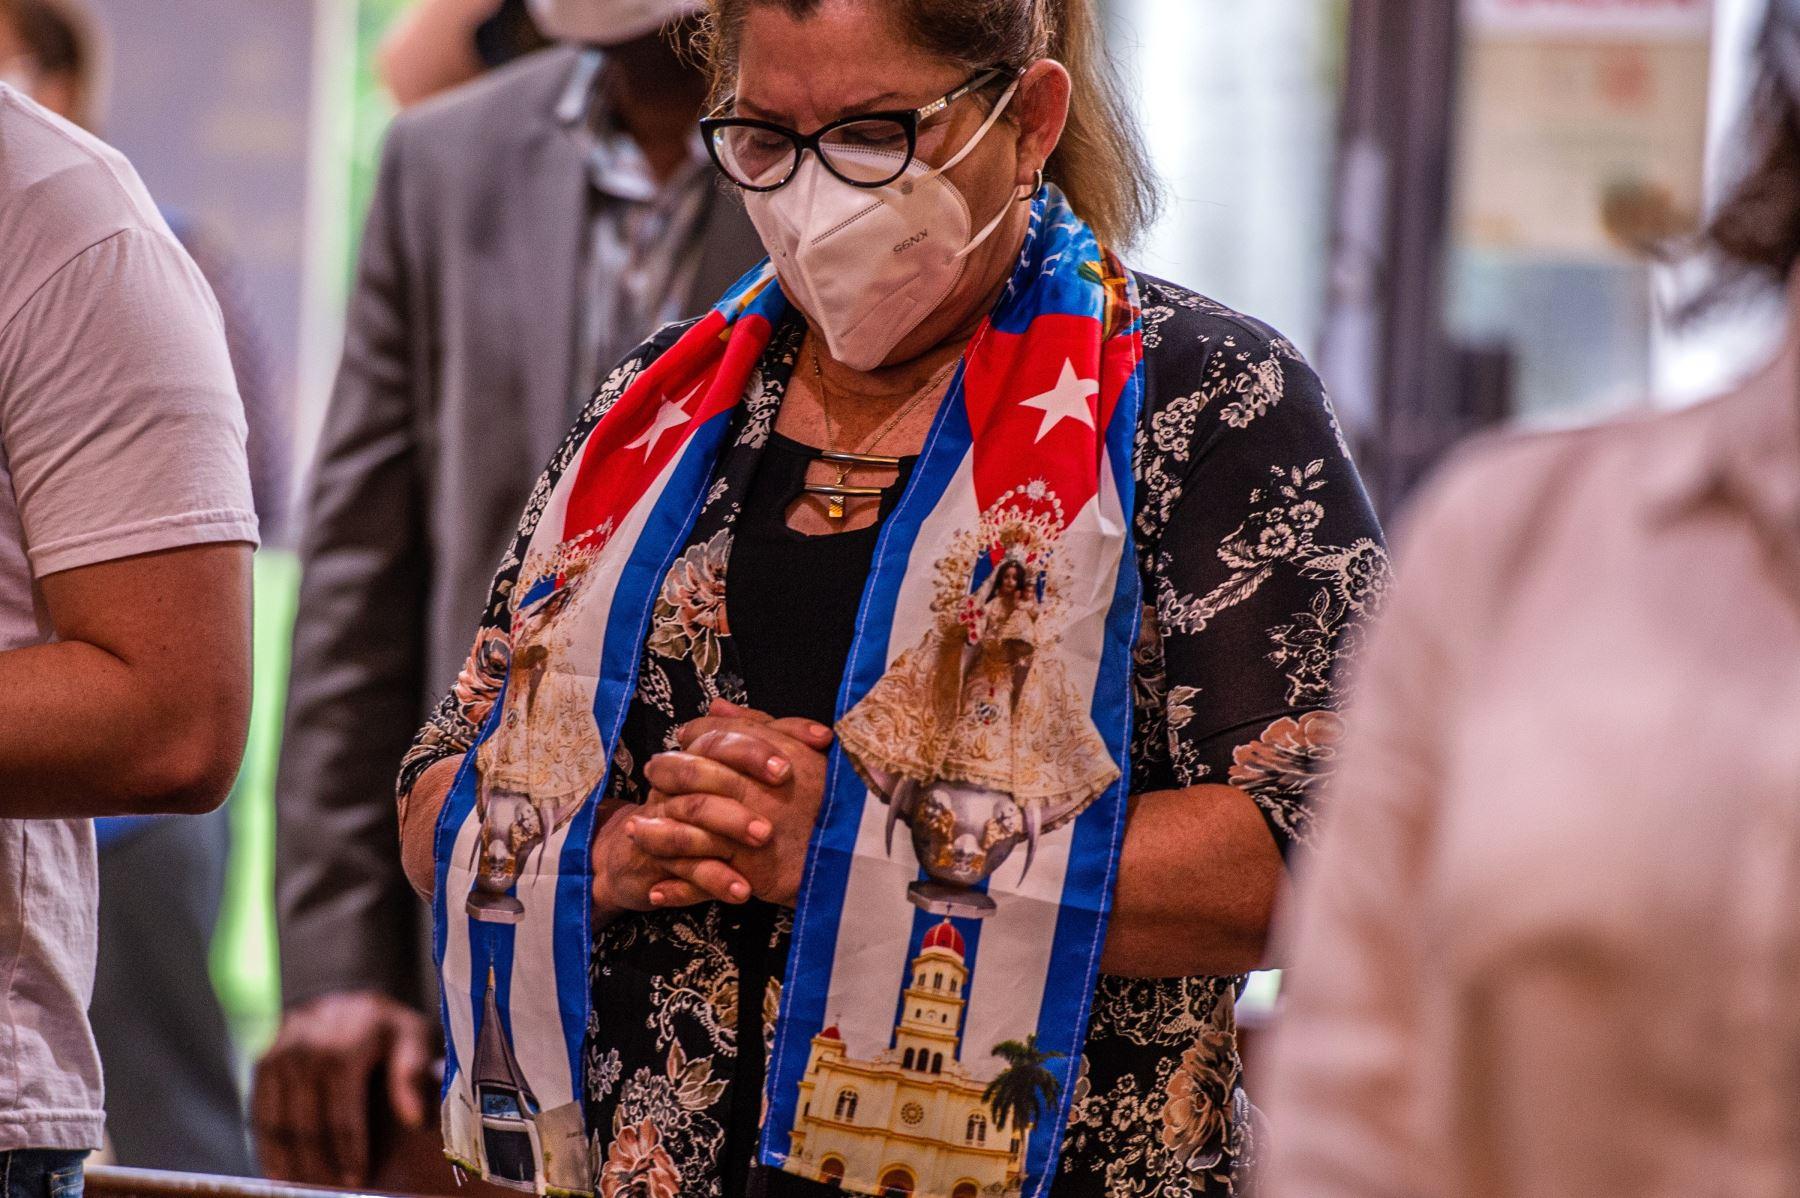 Una mujer reza durante una misa especial por Cuba ofrecida por el arzobispo de Miami, Thomas Wenski, hoy, en el Santuario Nacional Ermita de la Caridad, en Miami, Florida